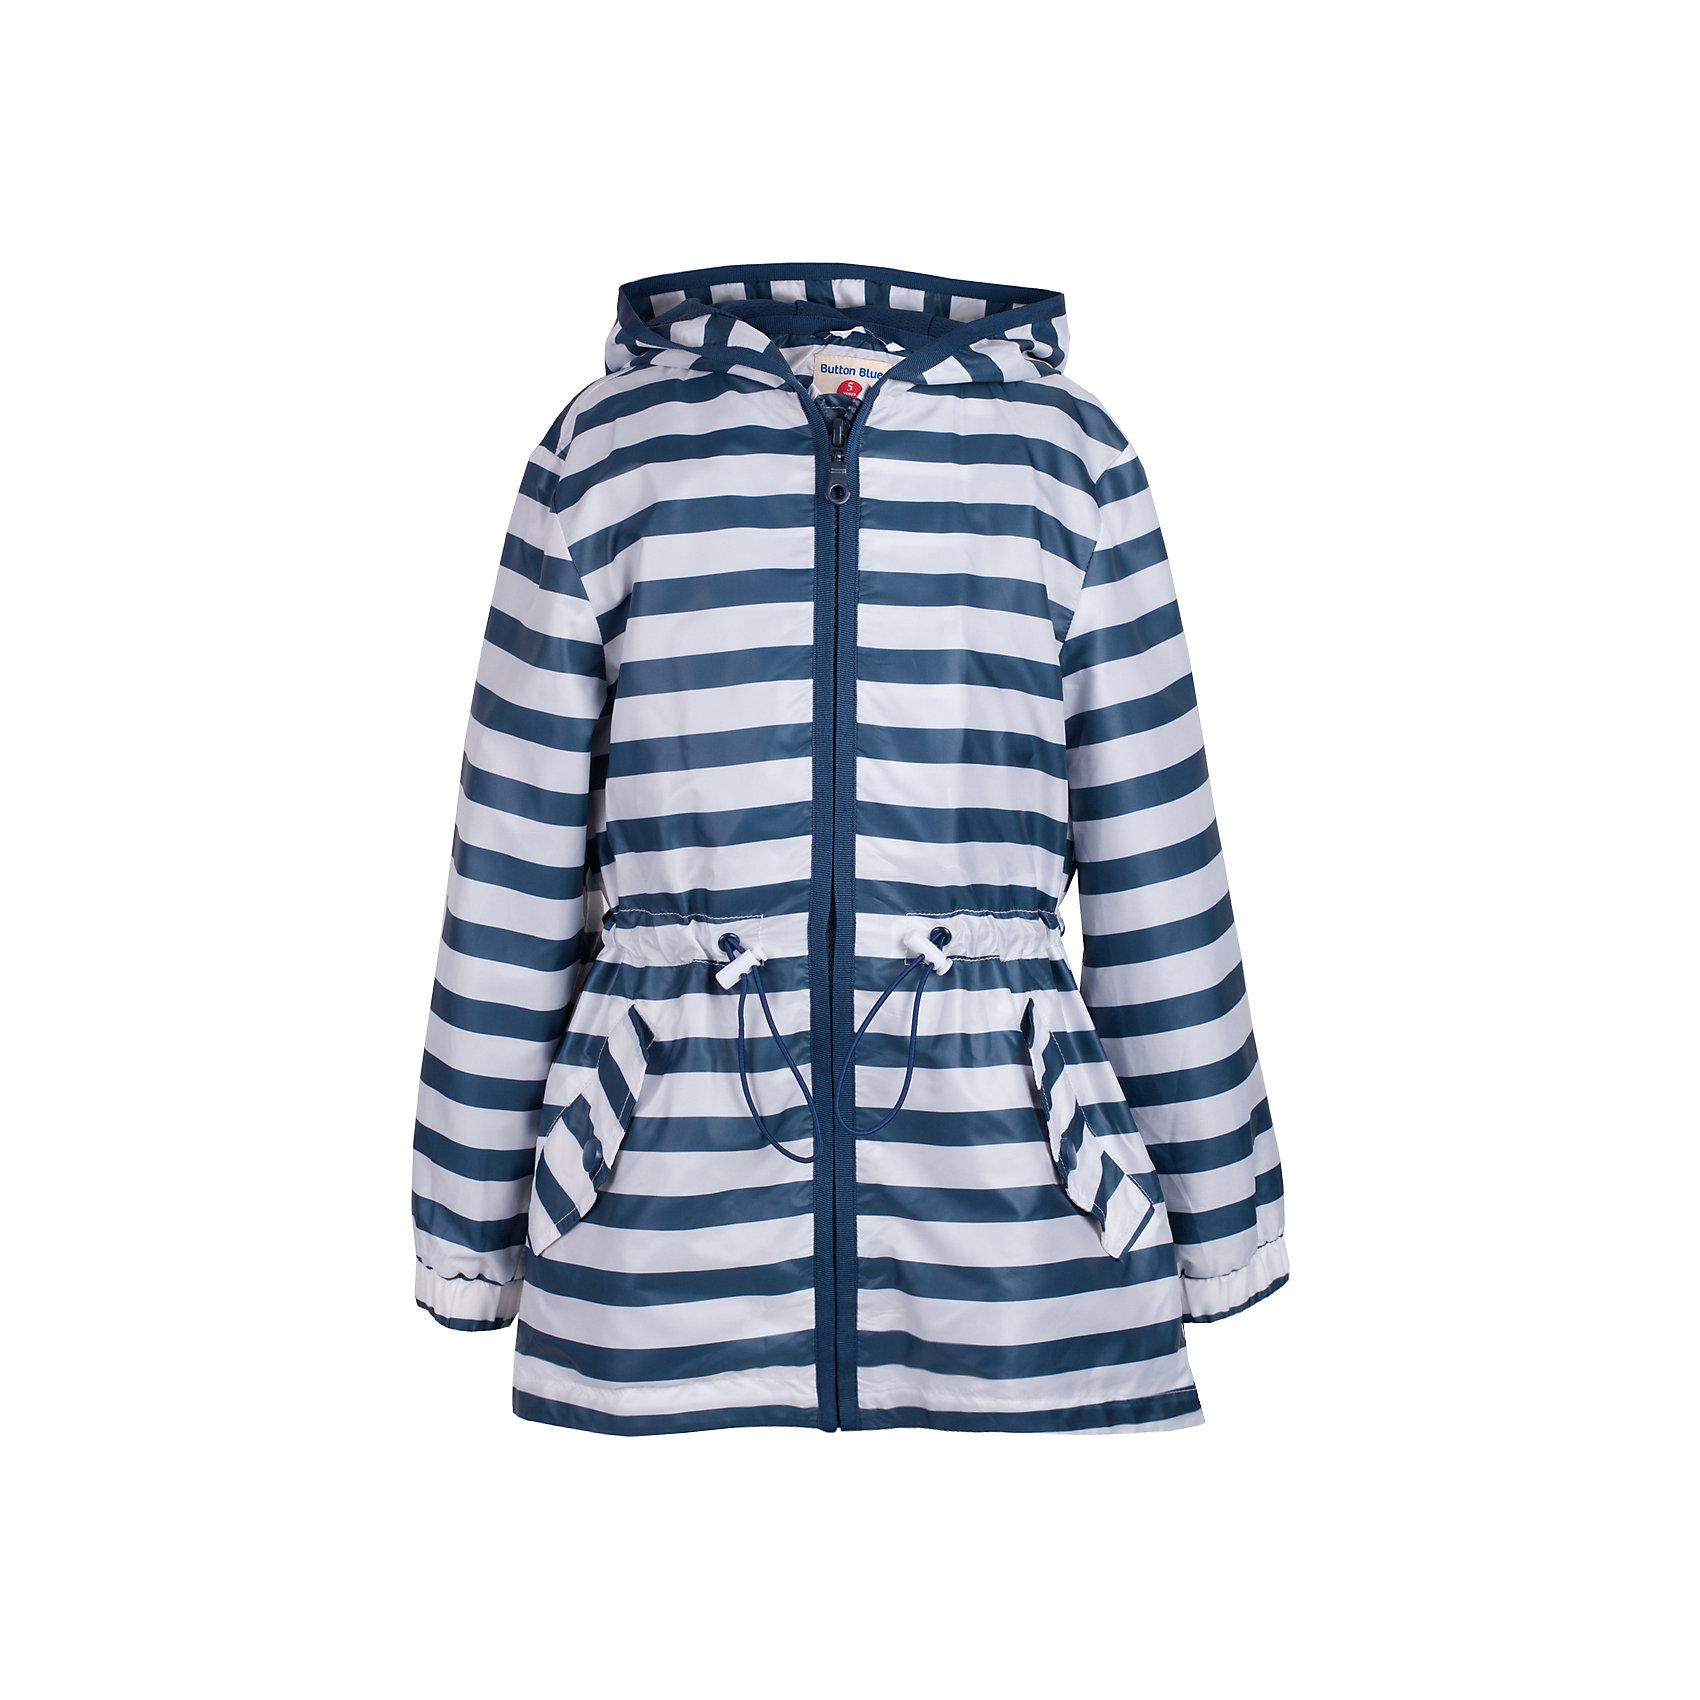 Куртка для девочки  BUTTON BLUEВерхняя одежда<br>Куртка для девочки  BUTTON BLUE<br>Стильная ветровка в полоску - прекрасное решение для летней прохлады. Модная комфортная форма, динамичный рисунок, продуманные детали подарят отличное настроение, капюшон надежно защитит от дождя и ветра. Если вы решили купить ветровку для девочки недорого, но хотите быть уверены в ее комфорте, качестве, высоких потребительских свойствах, ветровка Button Blue - то, что нужно!<br>Состав:<br>Ткань  верха: 100%  полиэстер, подклад: 100%  полиэстер<br><br>Ширина мм: 356<br>Глубина мм: 10<br>Высота мм: 245<br>Вес г: 519<br>Цвет: белый<br>Возраст от месяцев: 144<br>Возраст до месяцев: 156<br>Пол: Женский<br>Возраст: Детский<br>Размер: 158,98,104,110,116,122,128,134,140,146,152<br>SKU: 5523412